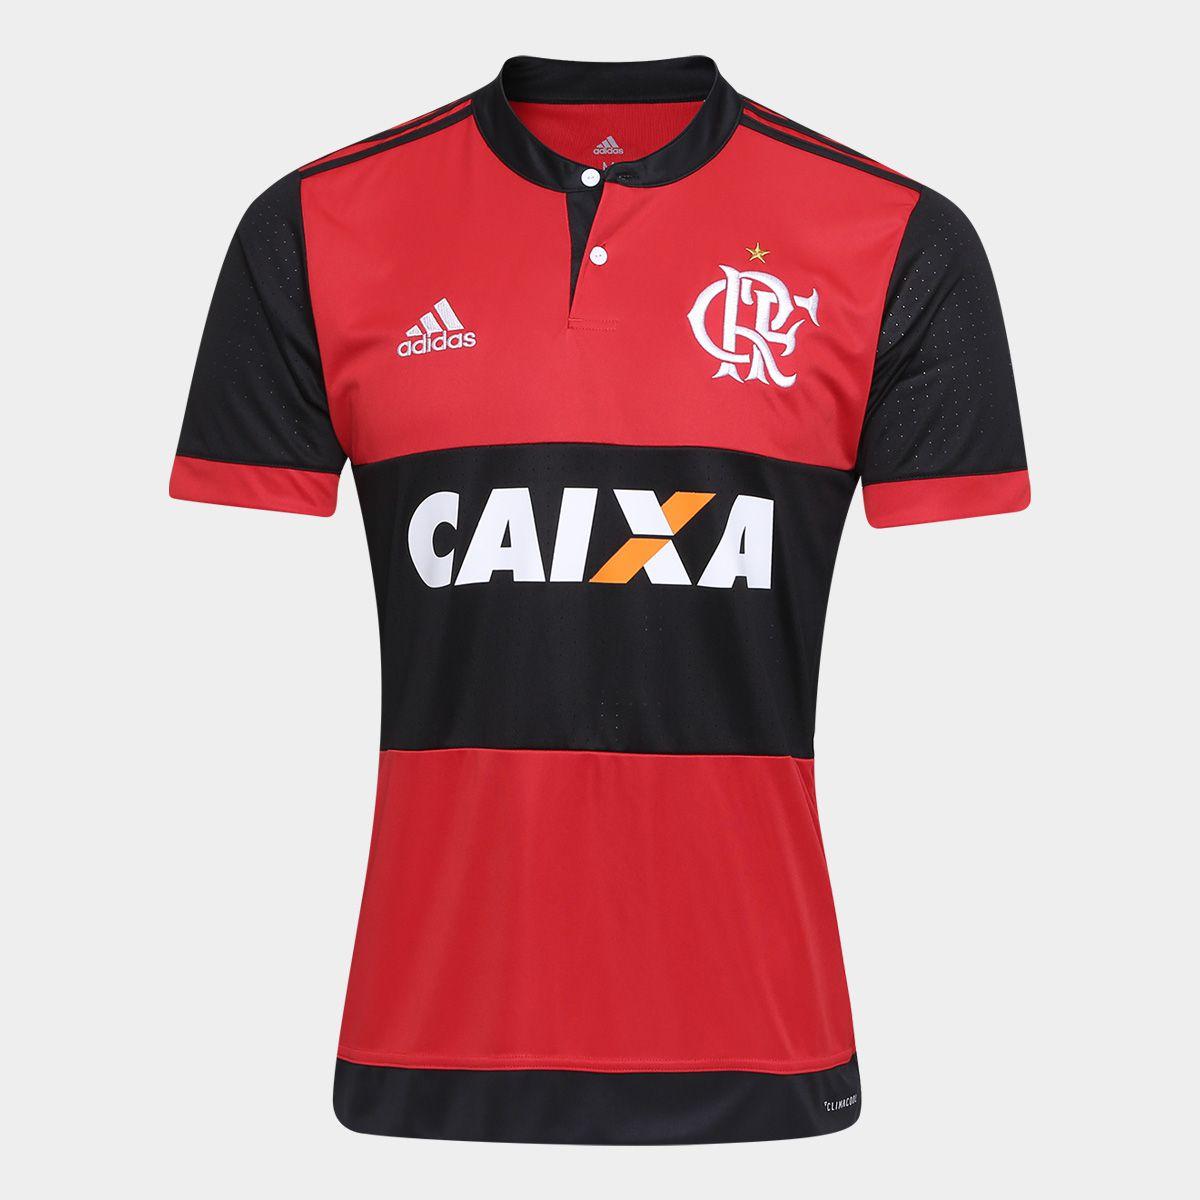 Camisa Flamengo I 17 18 s n° - Torcedor Adidas Masculina - Vermelho e Preto  - Point do Esporte 9798a7f01c985